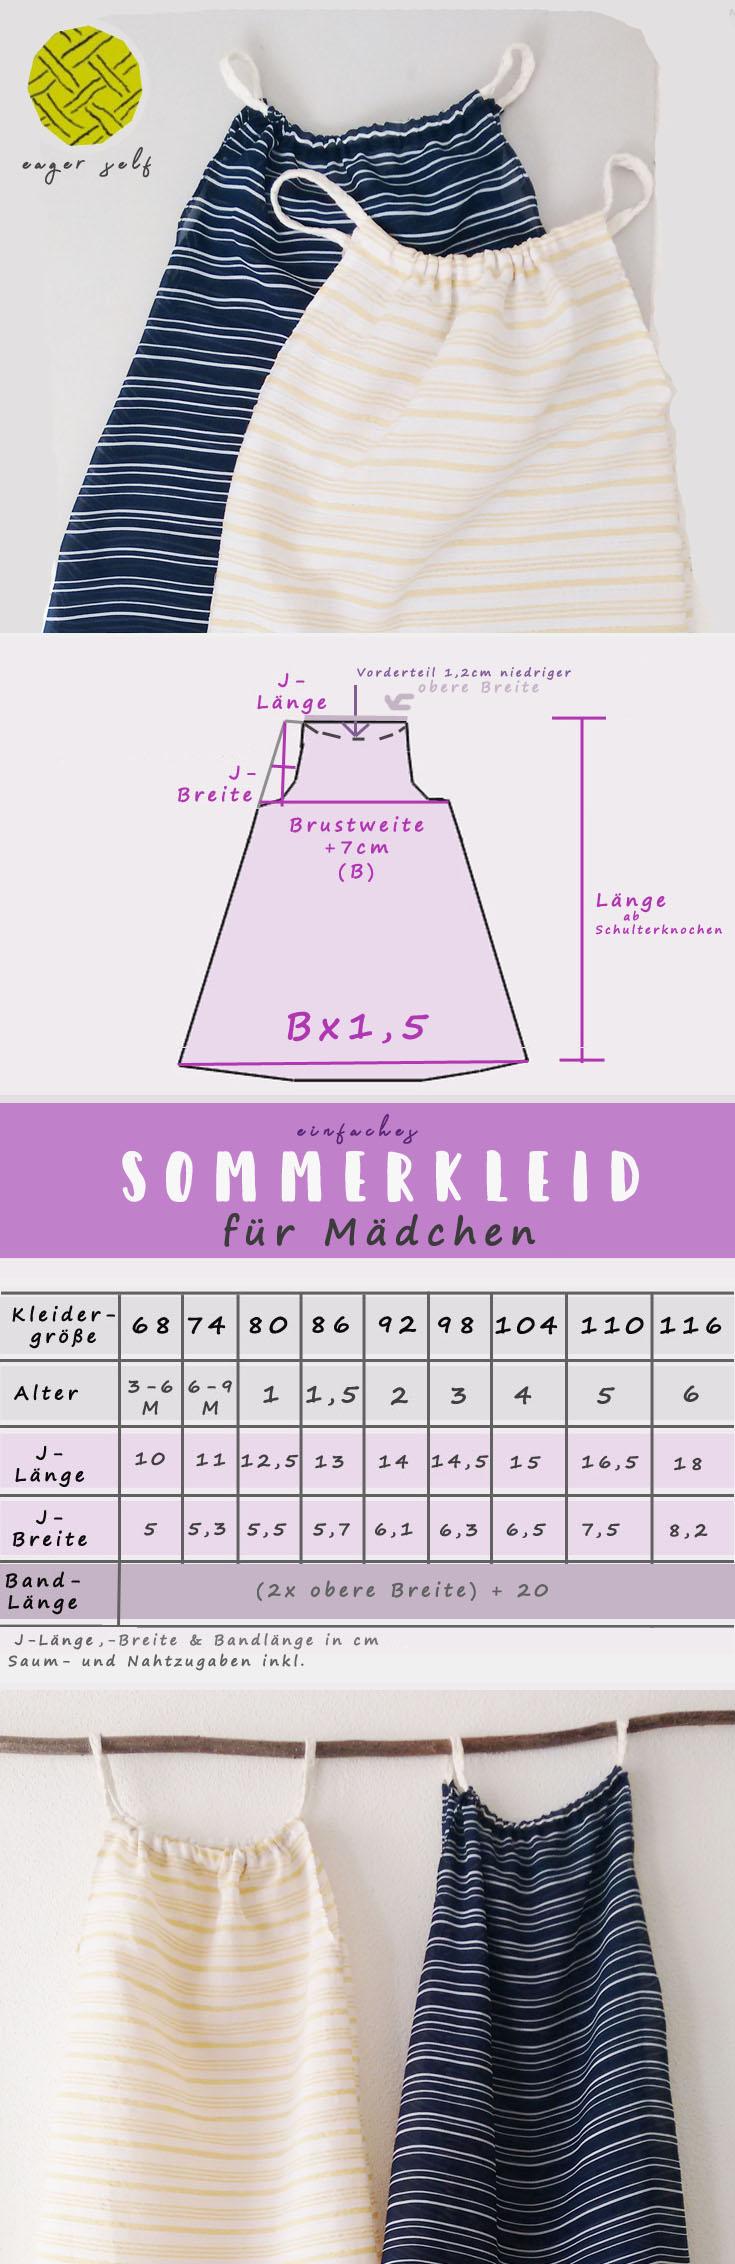 Kleid nähen für Mädchen - Anleitung für einfaches Sommerkleid ...